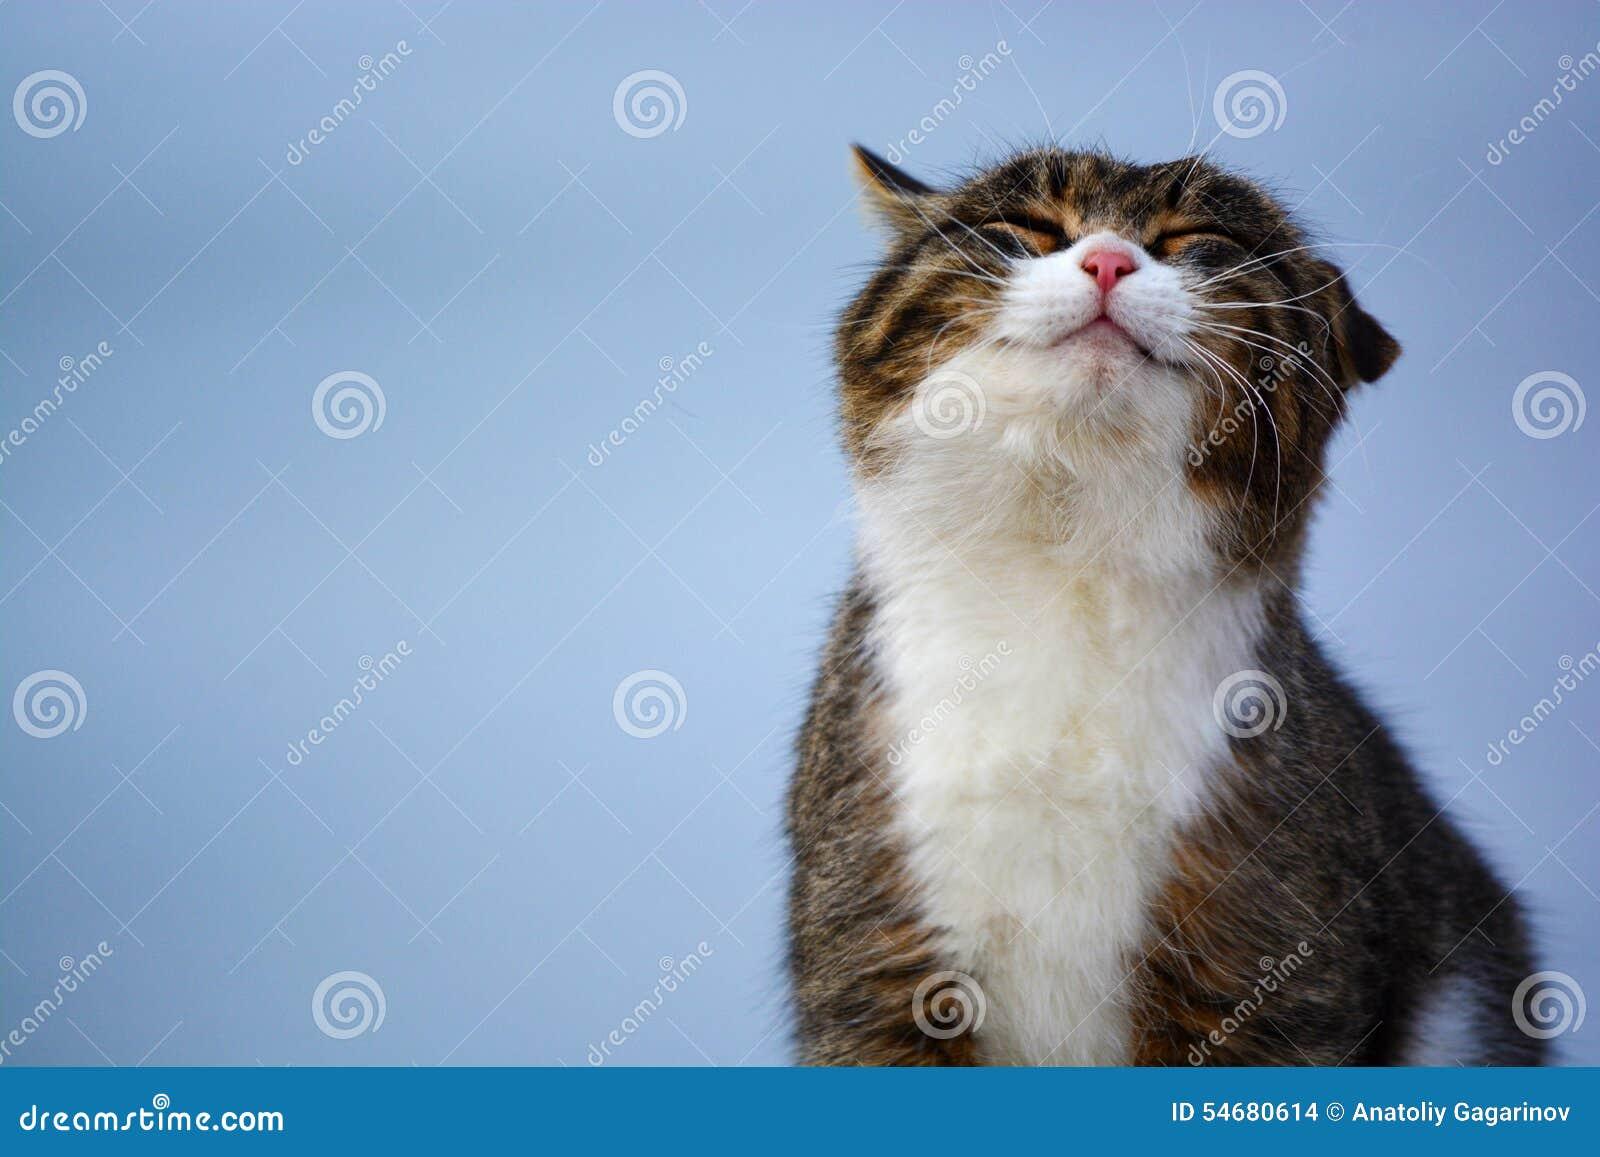 Happy Cat Stock Photo Image 54680614